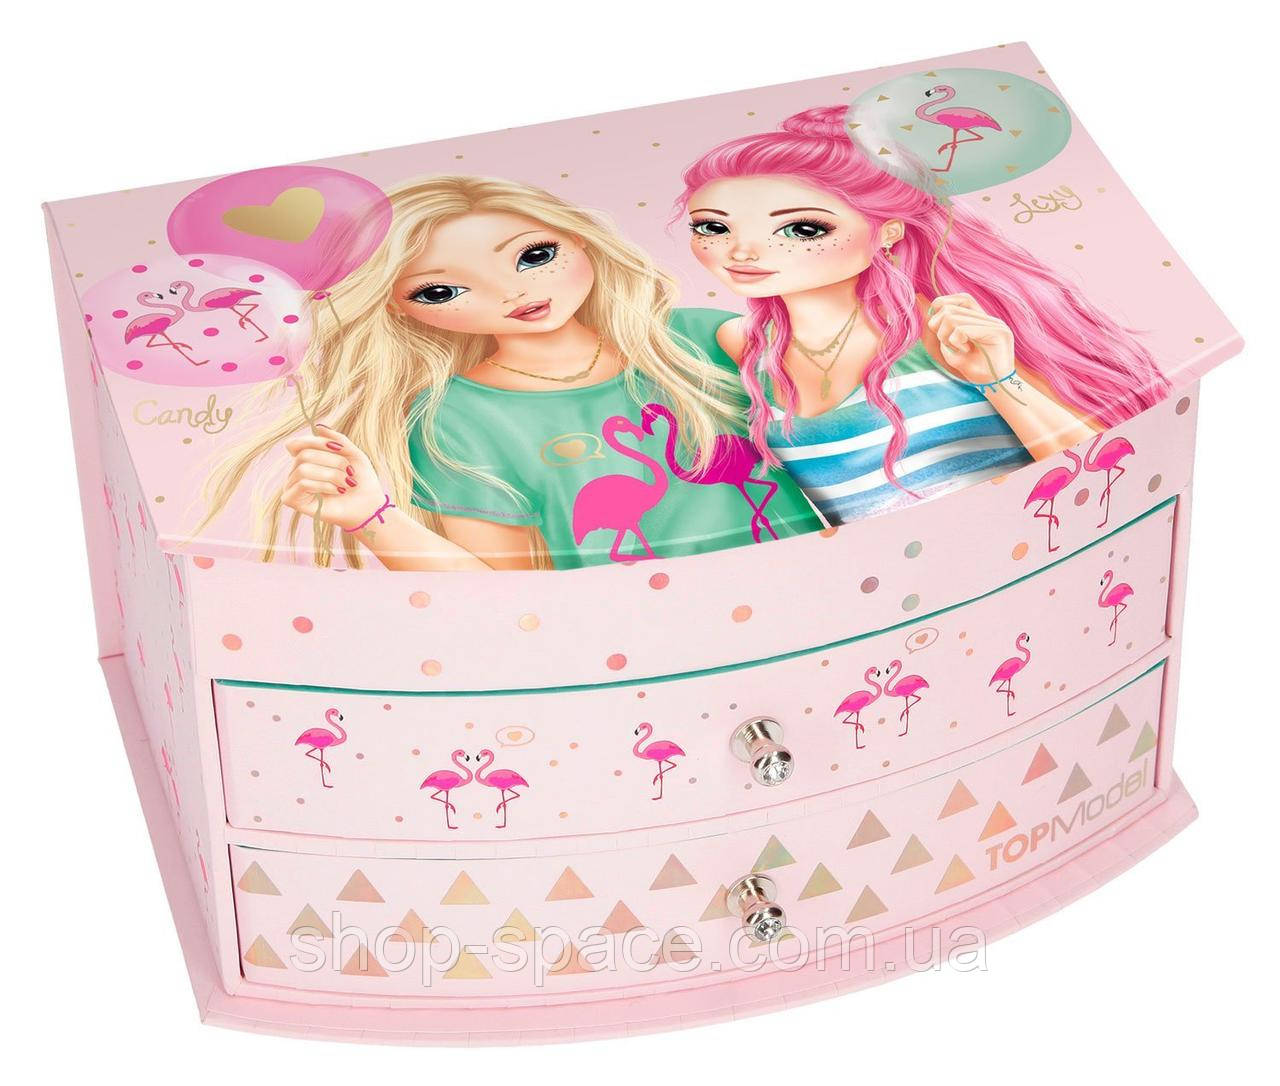 Шкатулка для девочки Top Model Flamingo